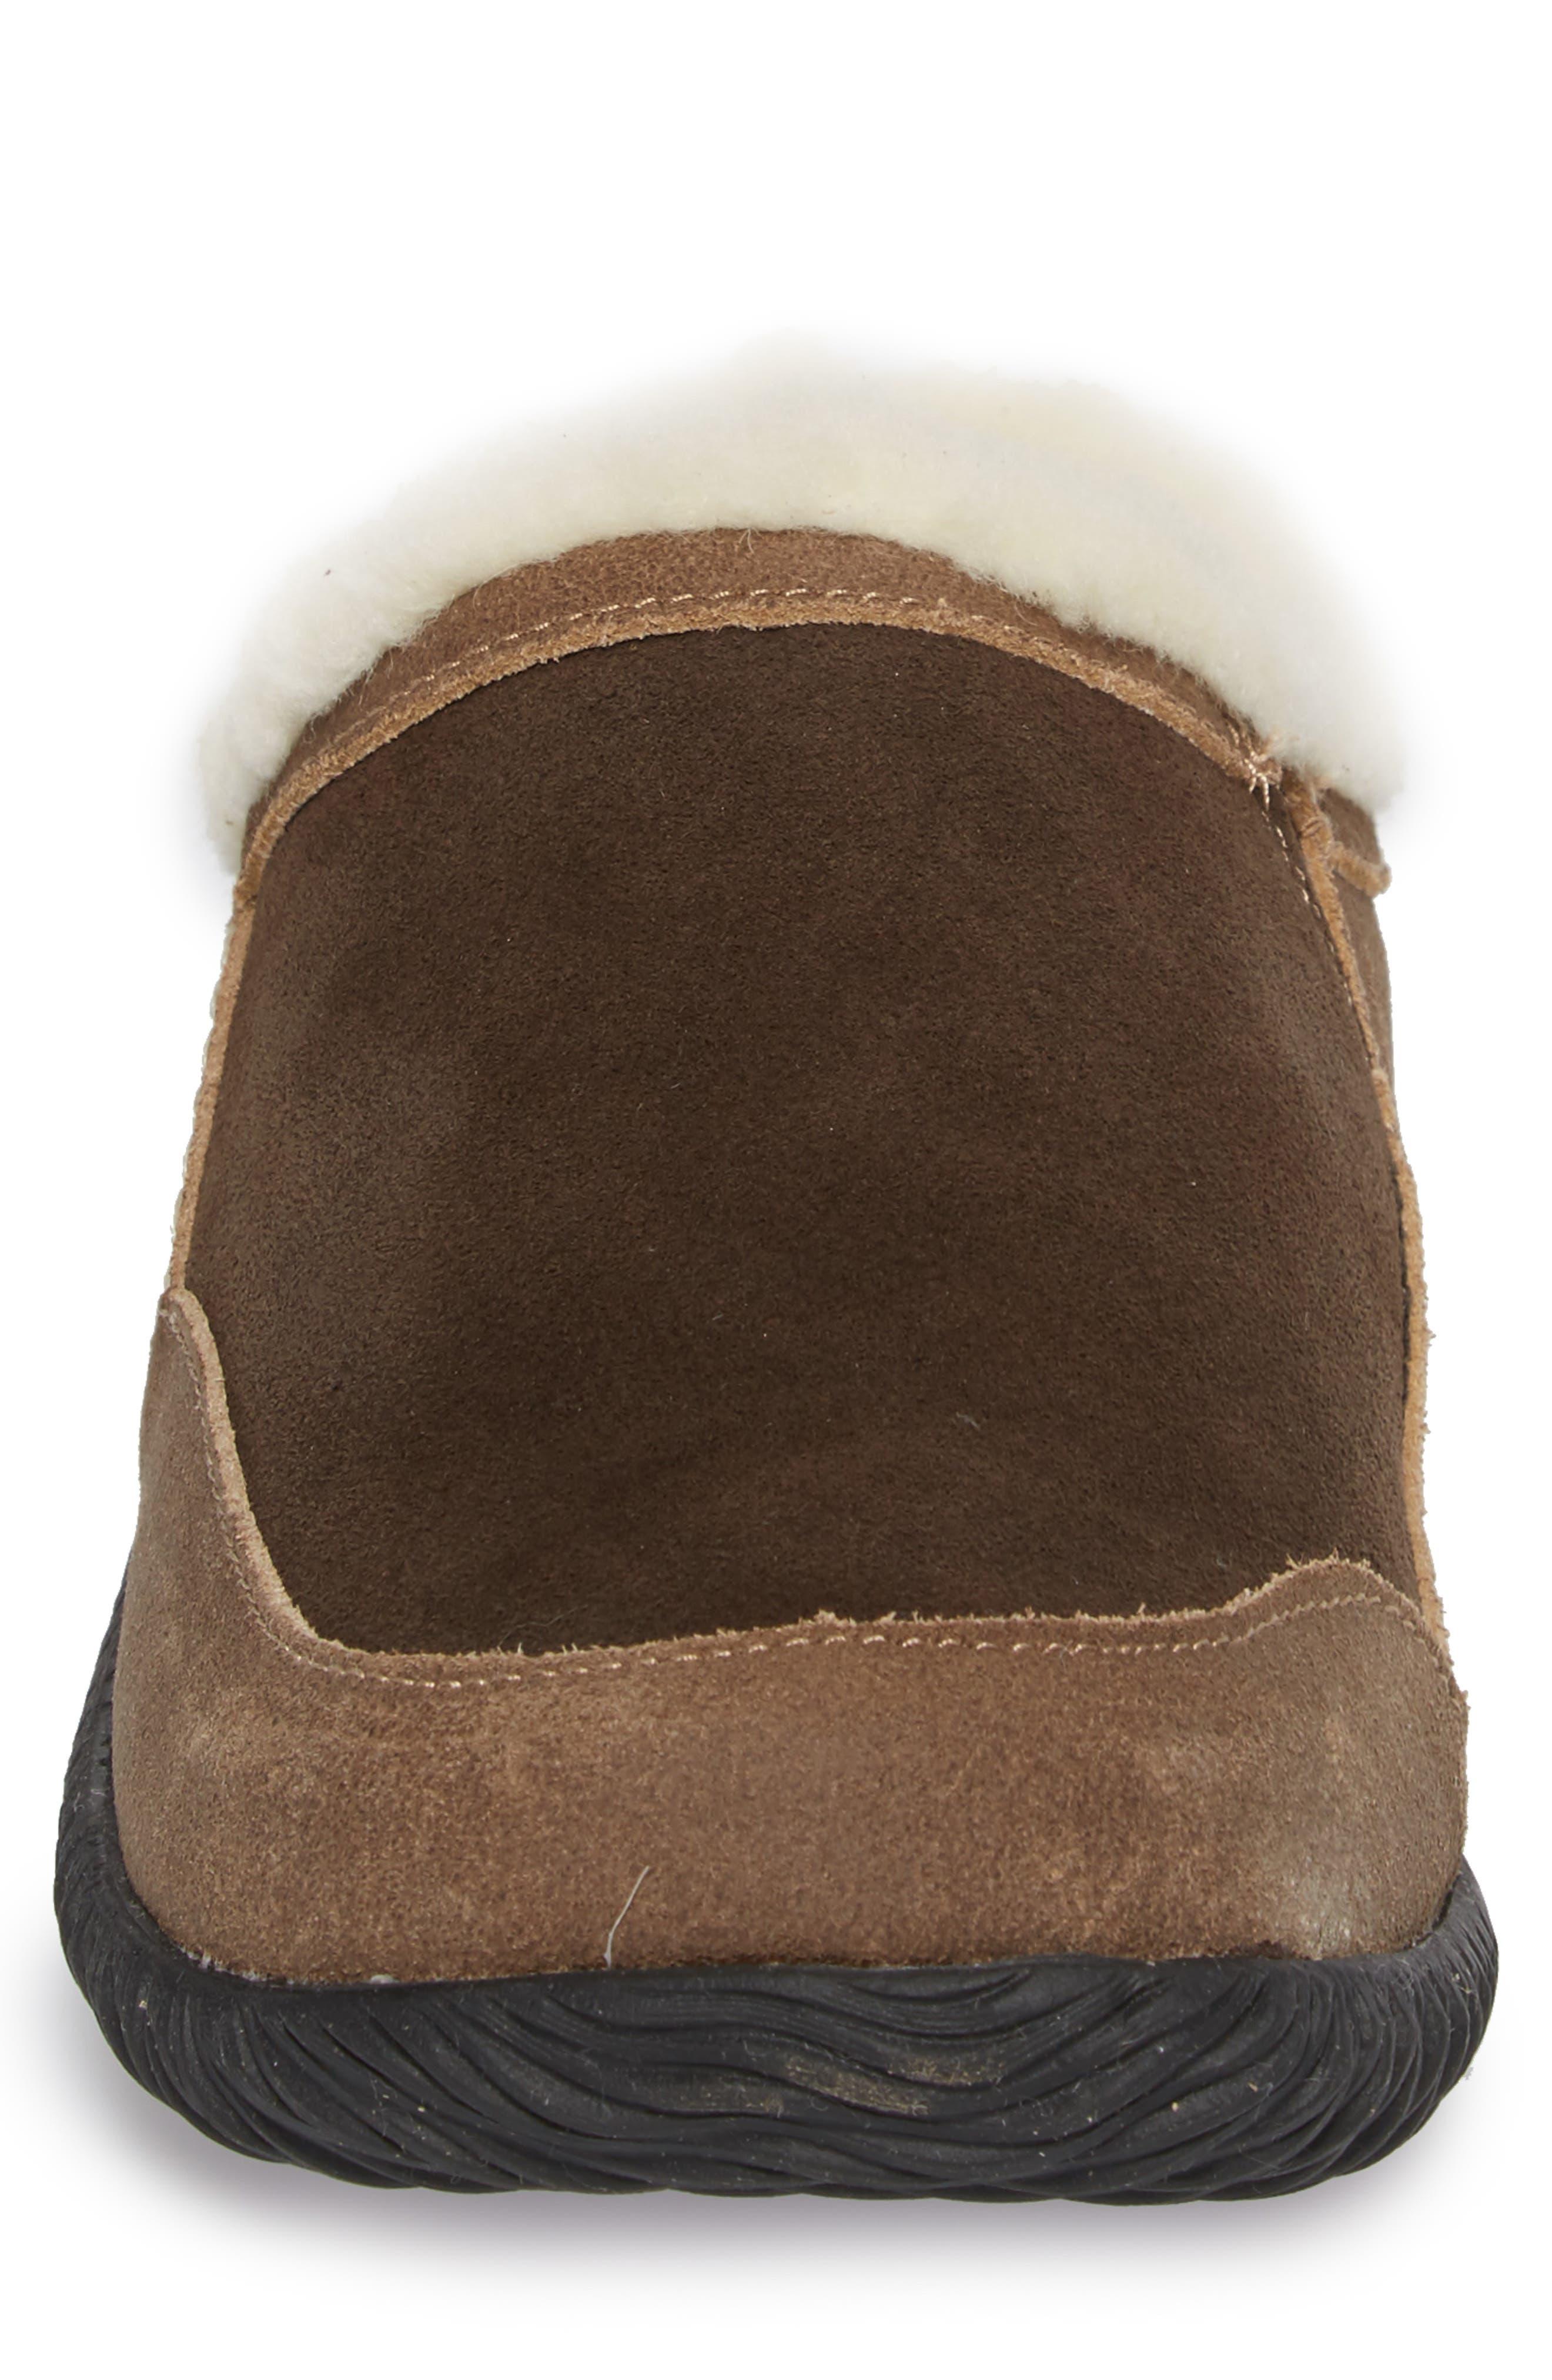 'Rambler' Mule Slipper,                             Alternate thumbnail 4, color,                             CHOCOLATE/ BROWN